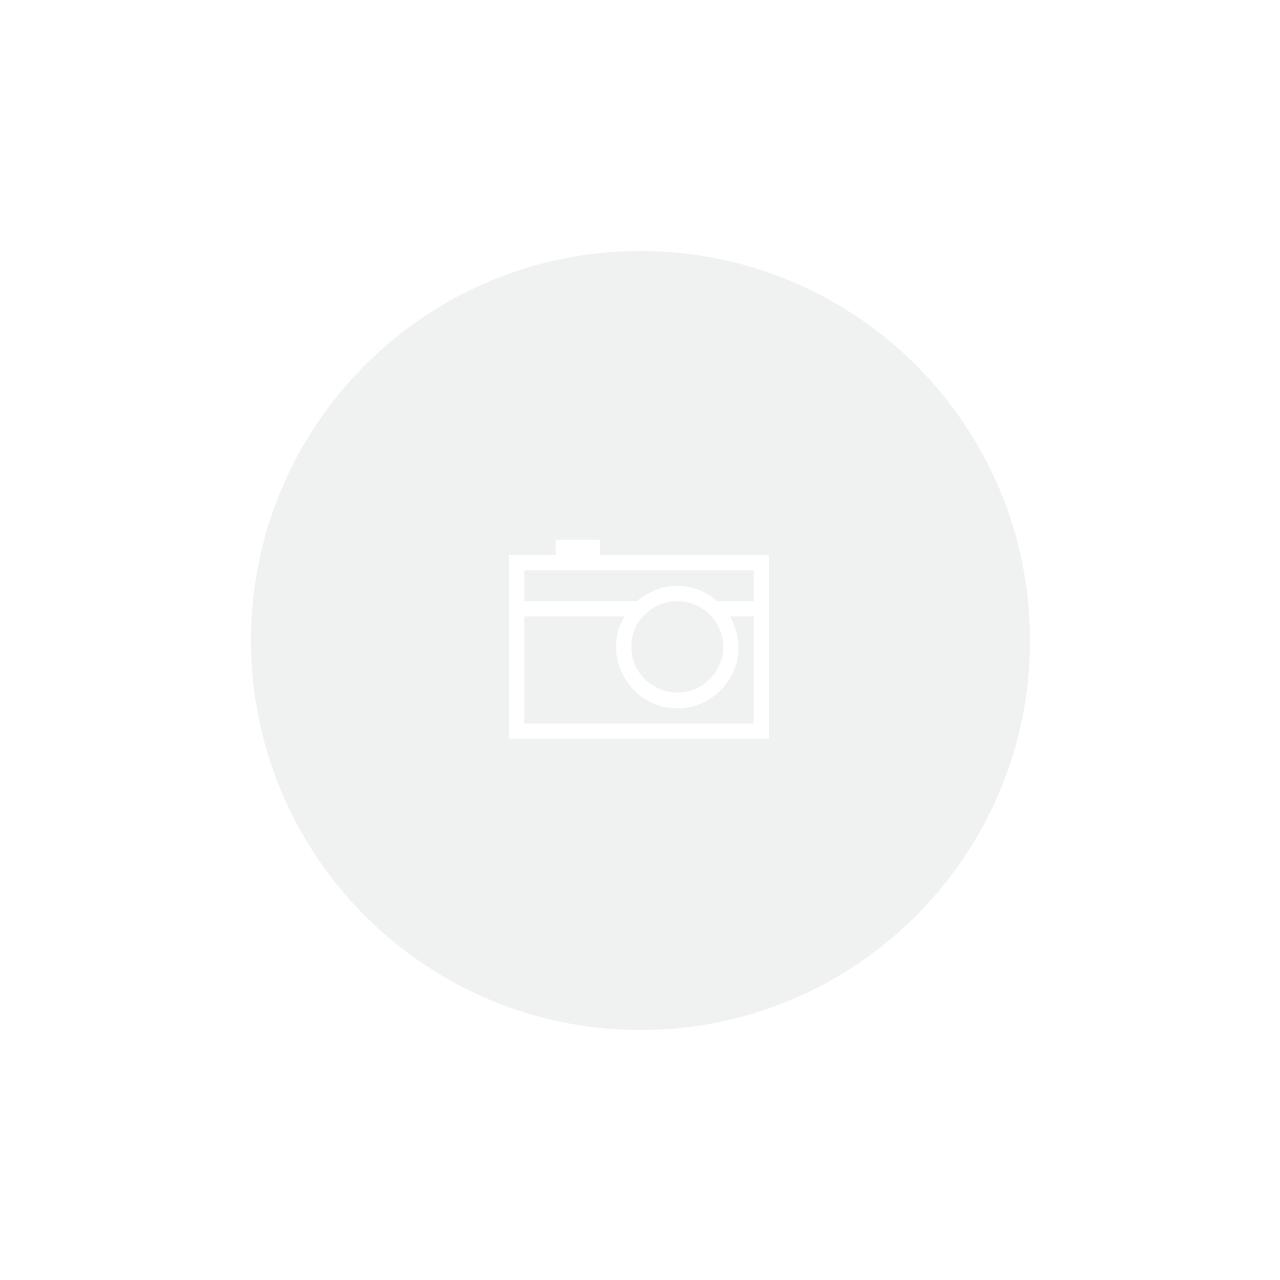 Anel Coração Zircônias com Aplique Ródio Negro Semi Joia Antialérgica Banhada Ouro 18k